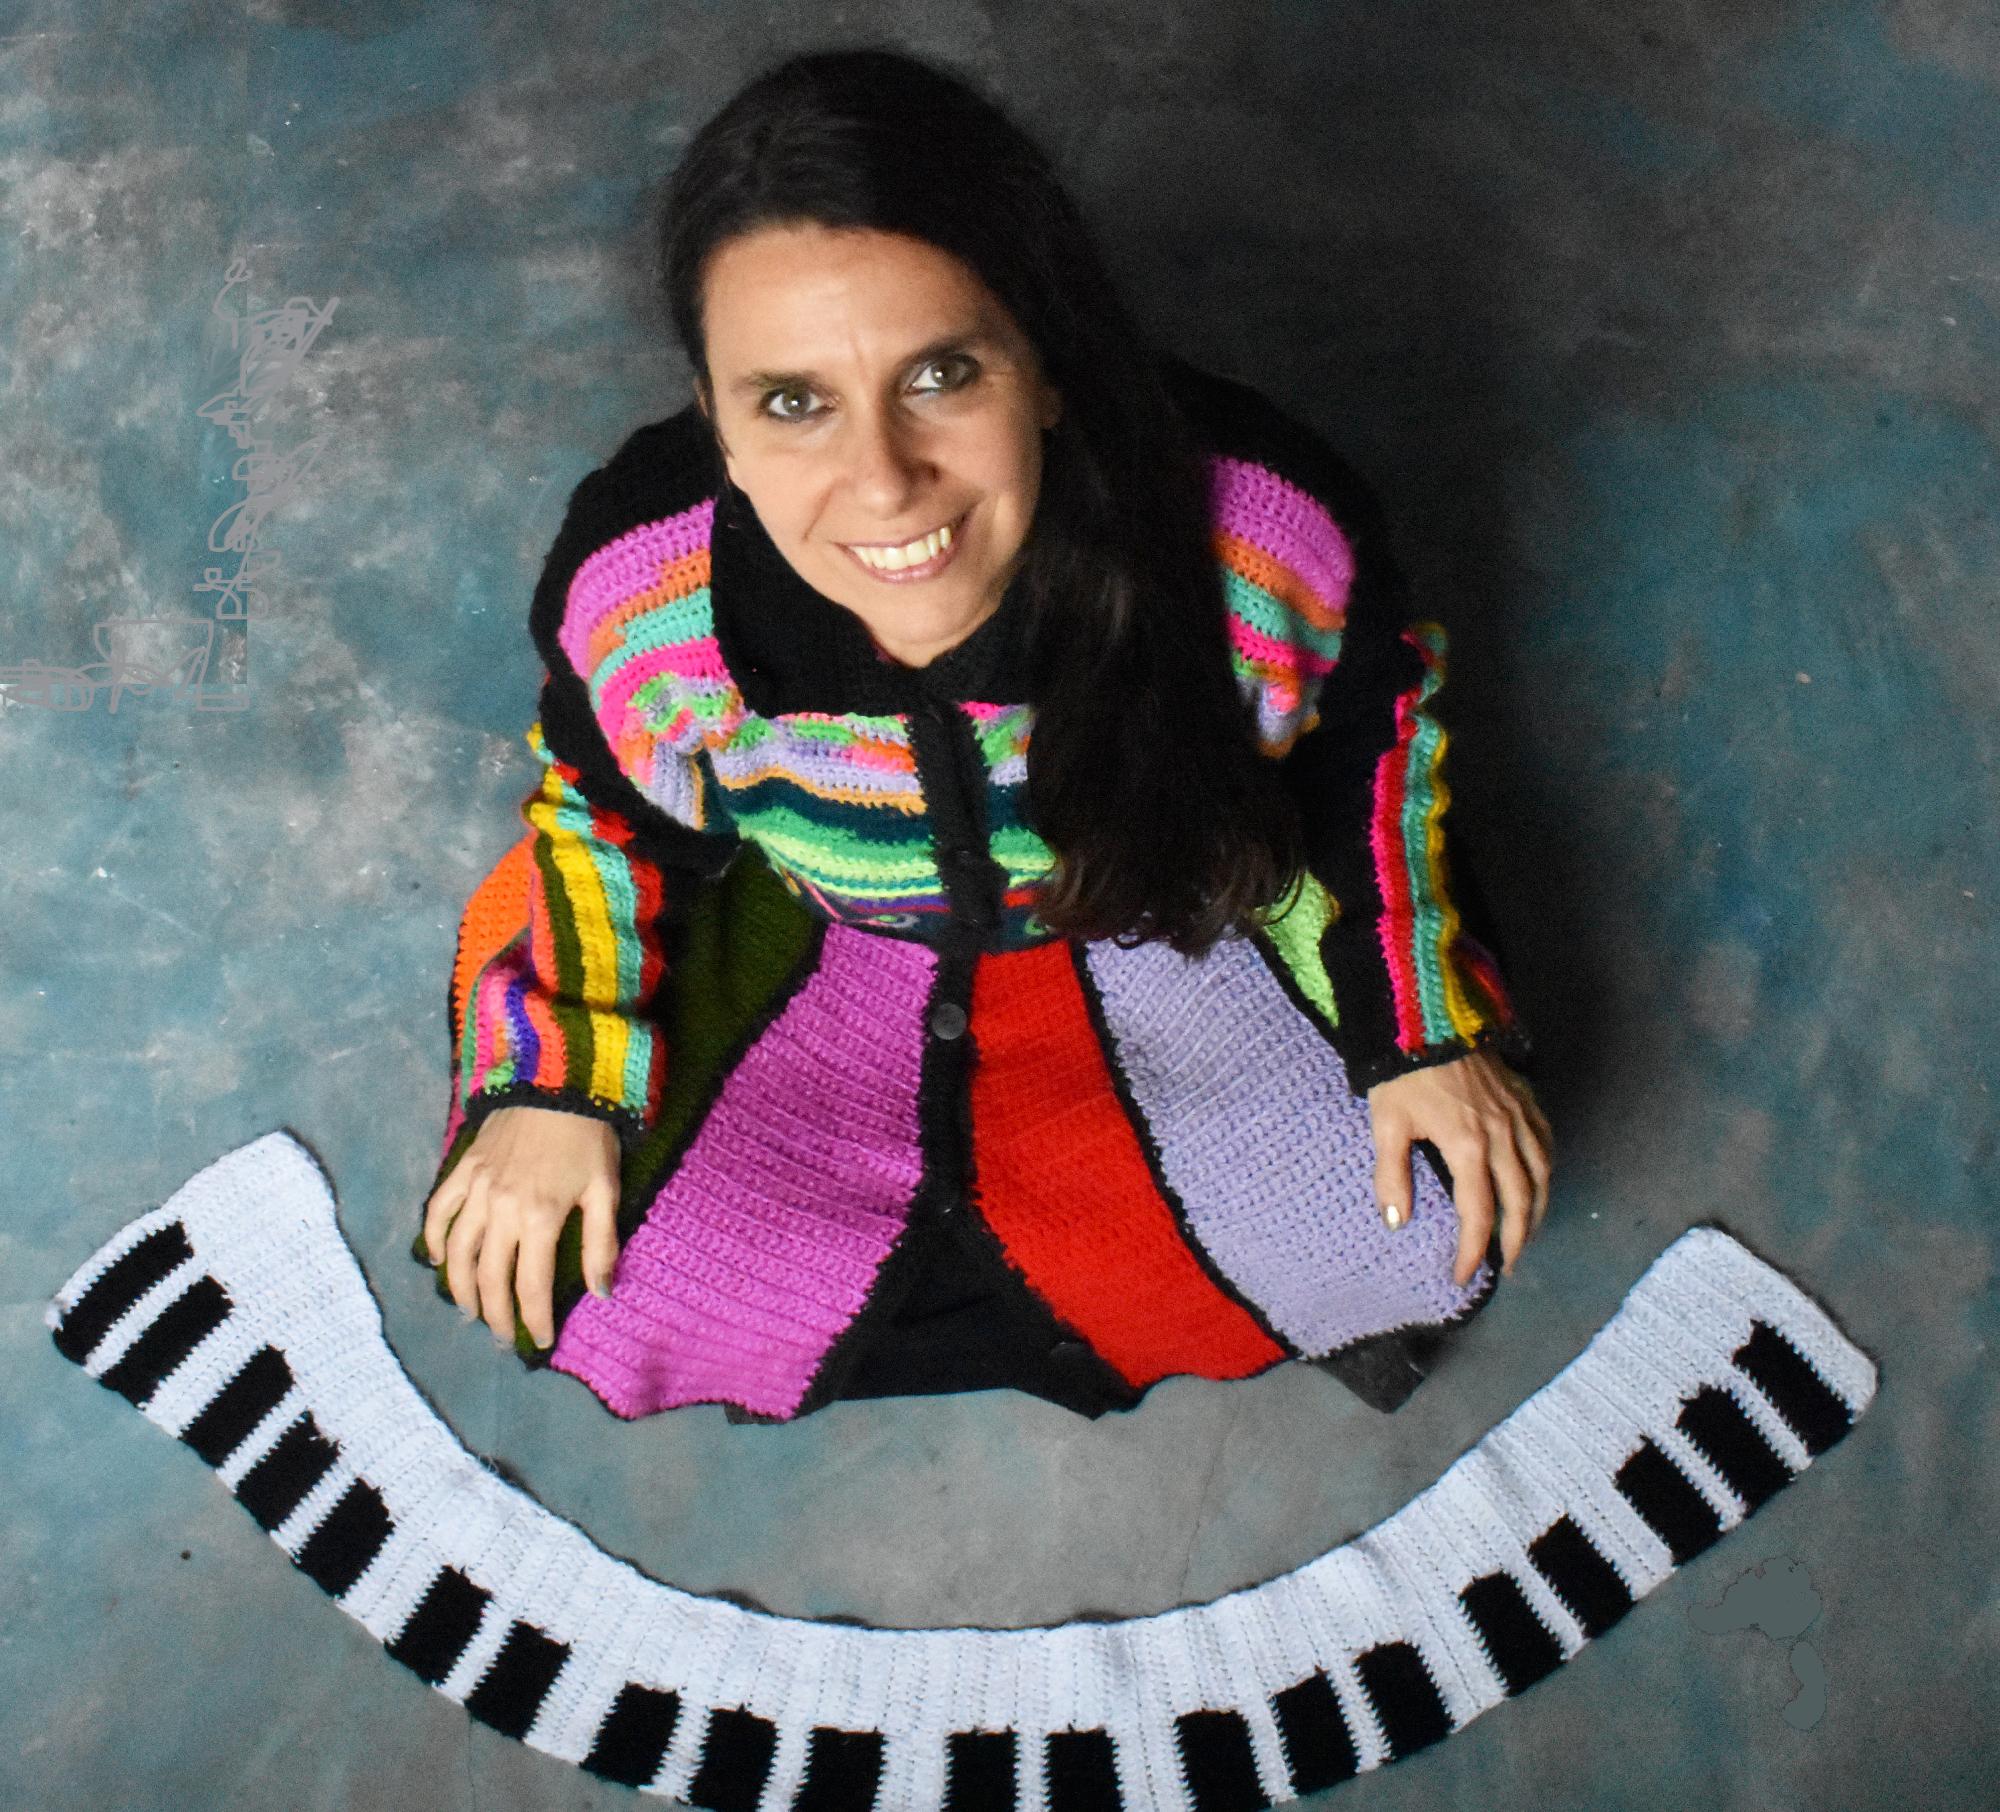 Conociendo las raíces y evolución de la música folklórica sudamericana